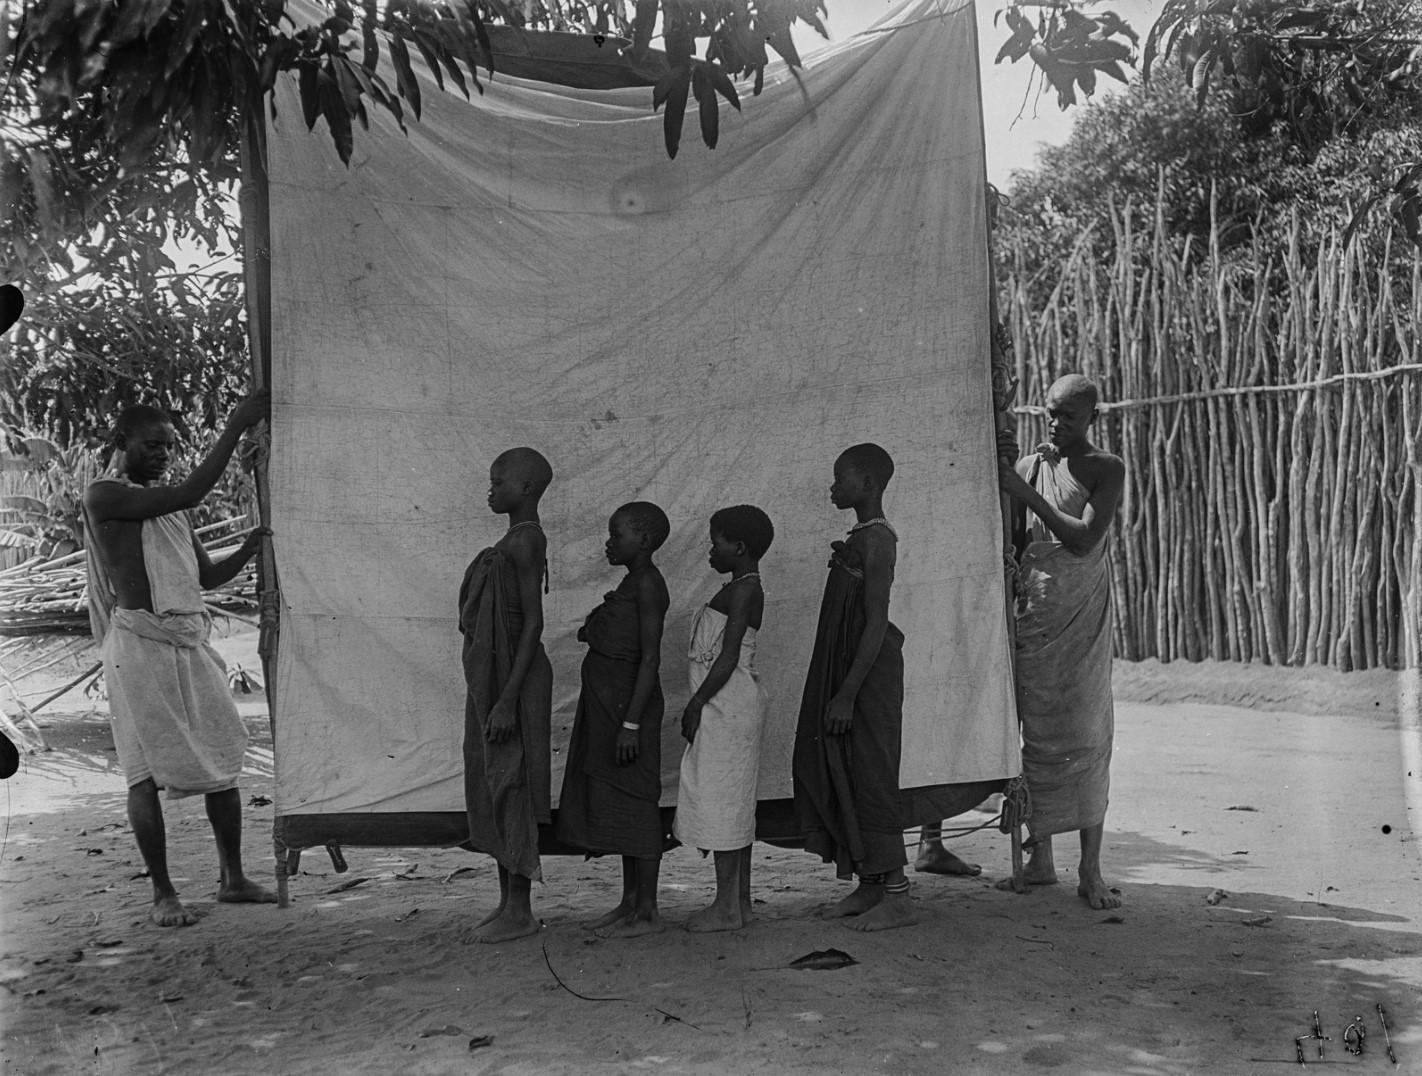 53. Антропометрическое изображение четырех девушек макуа